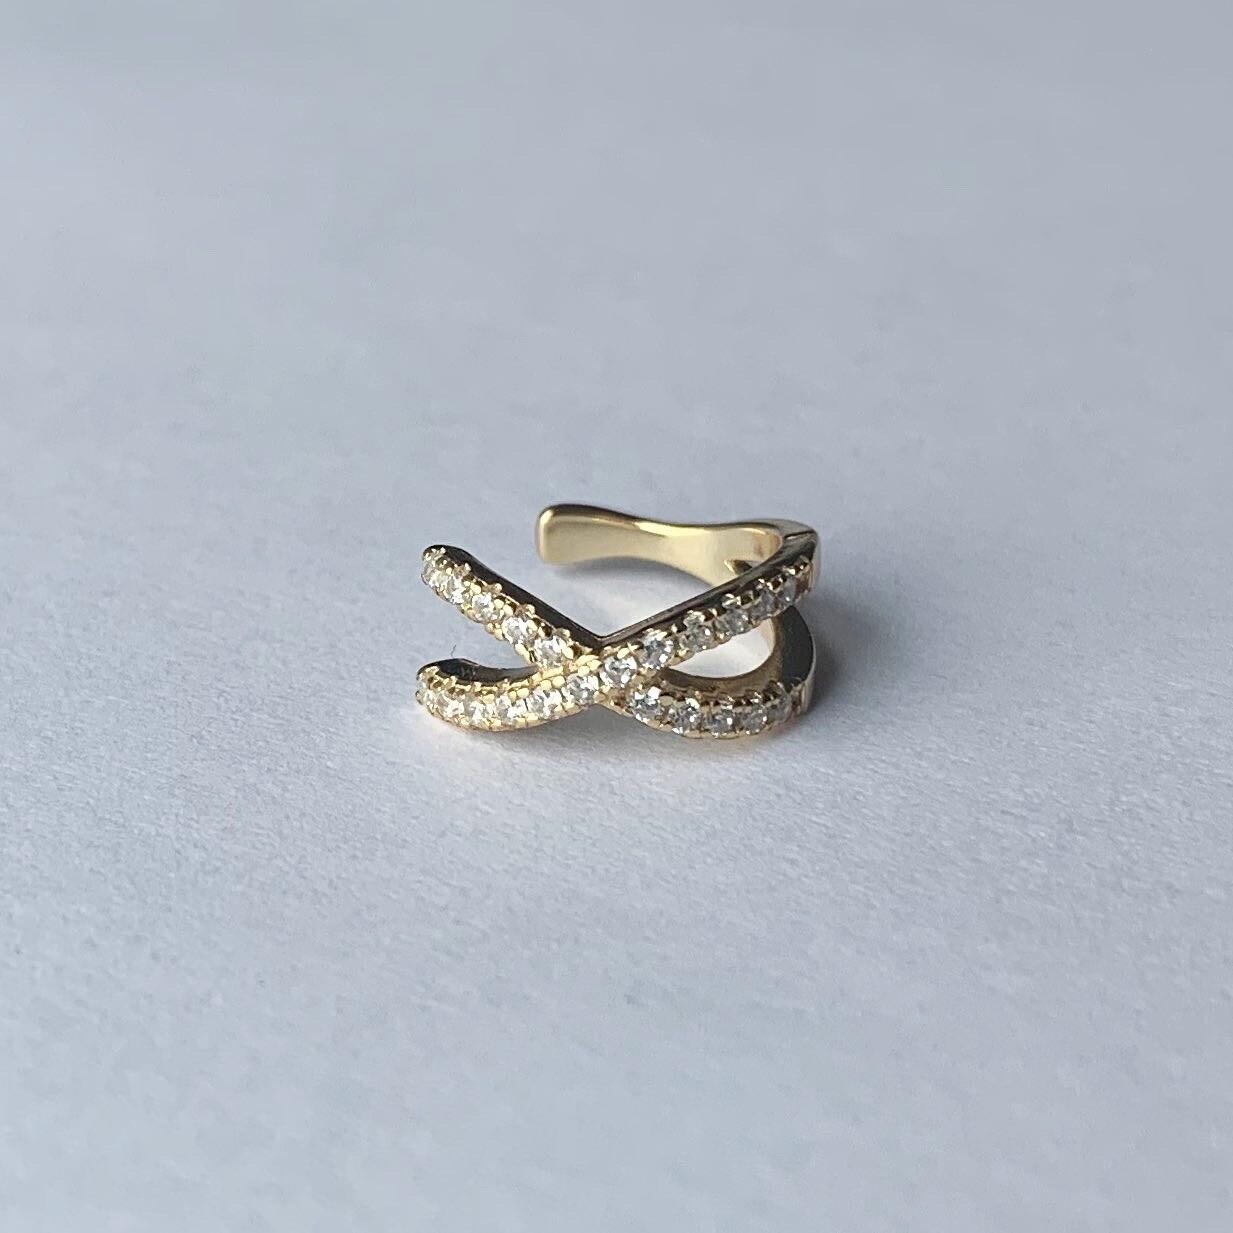 Shiny crossed earcuff goud/925 sterling zilver